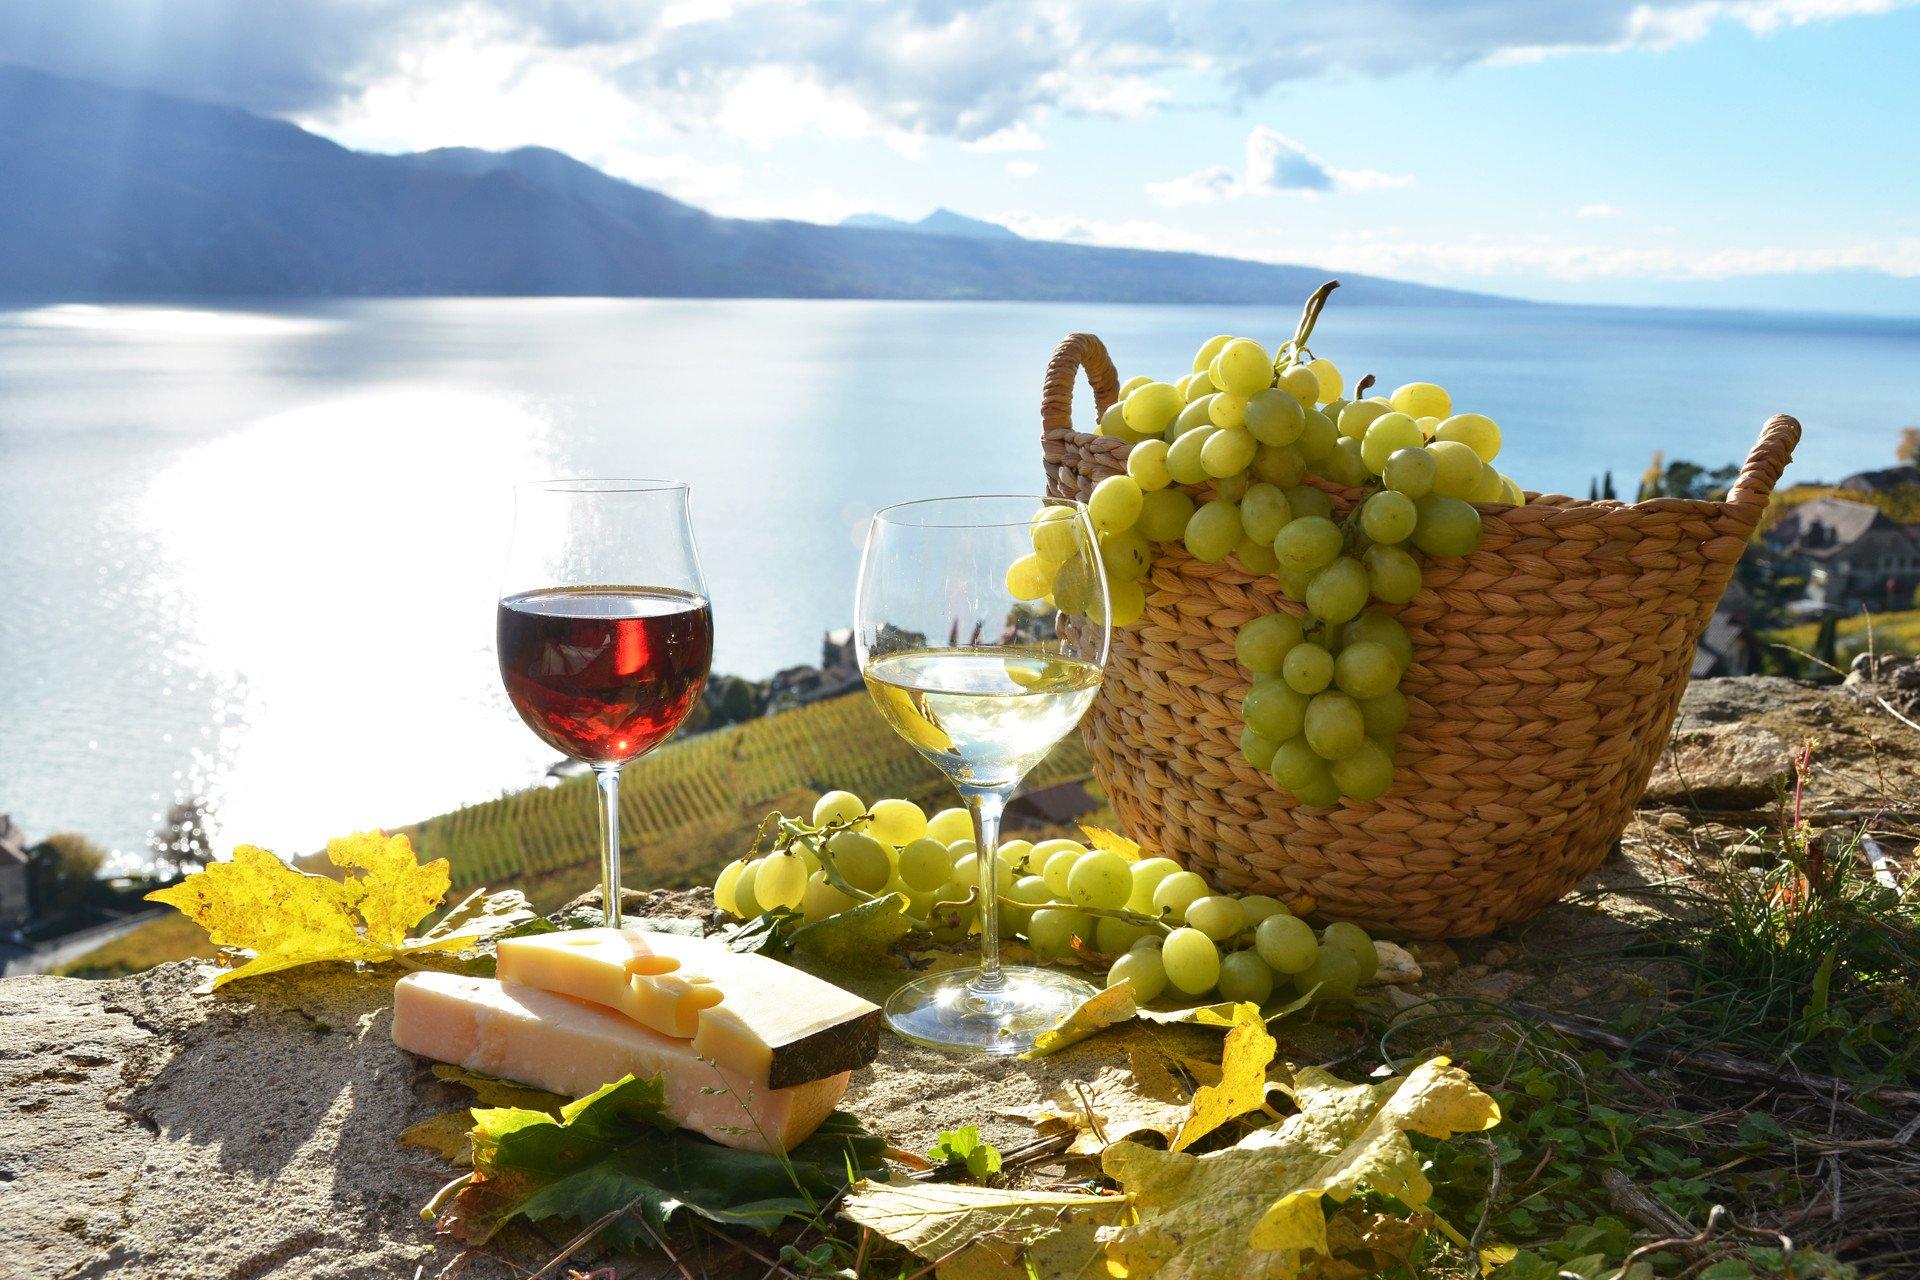 verres vins-dégustation-visite privée-Lavaux-Suisse-Lac Léman